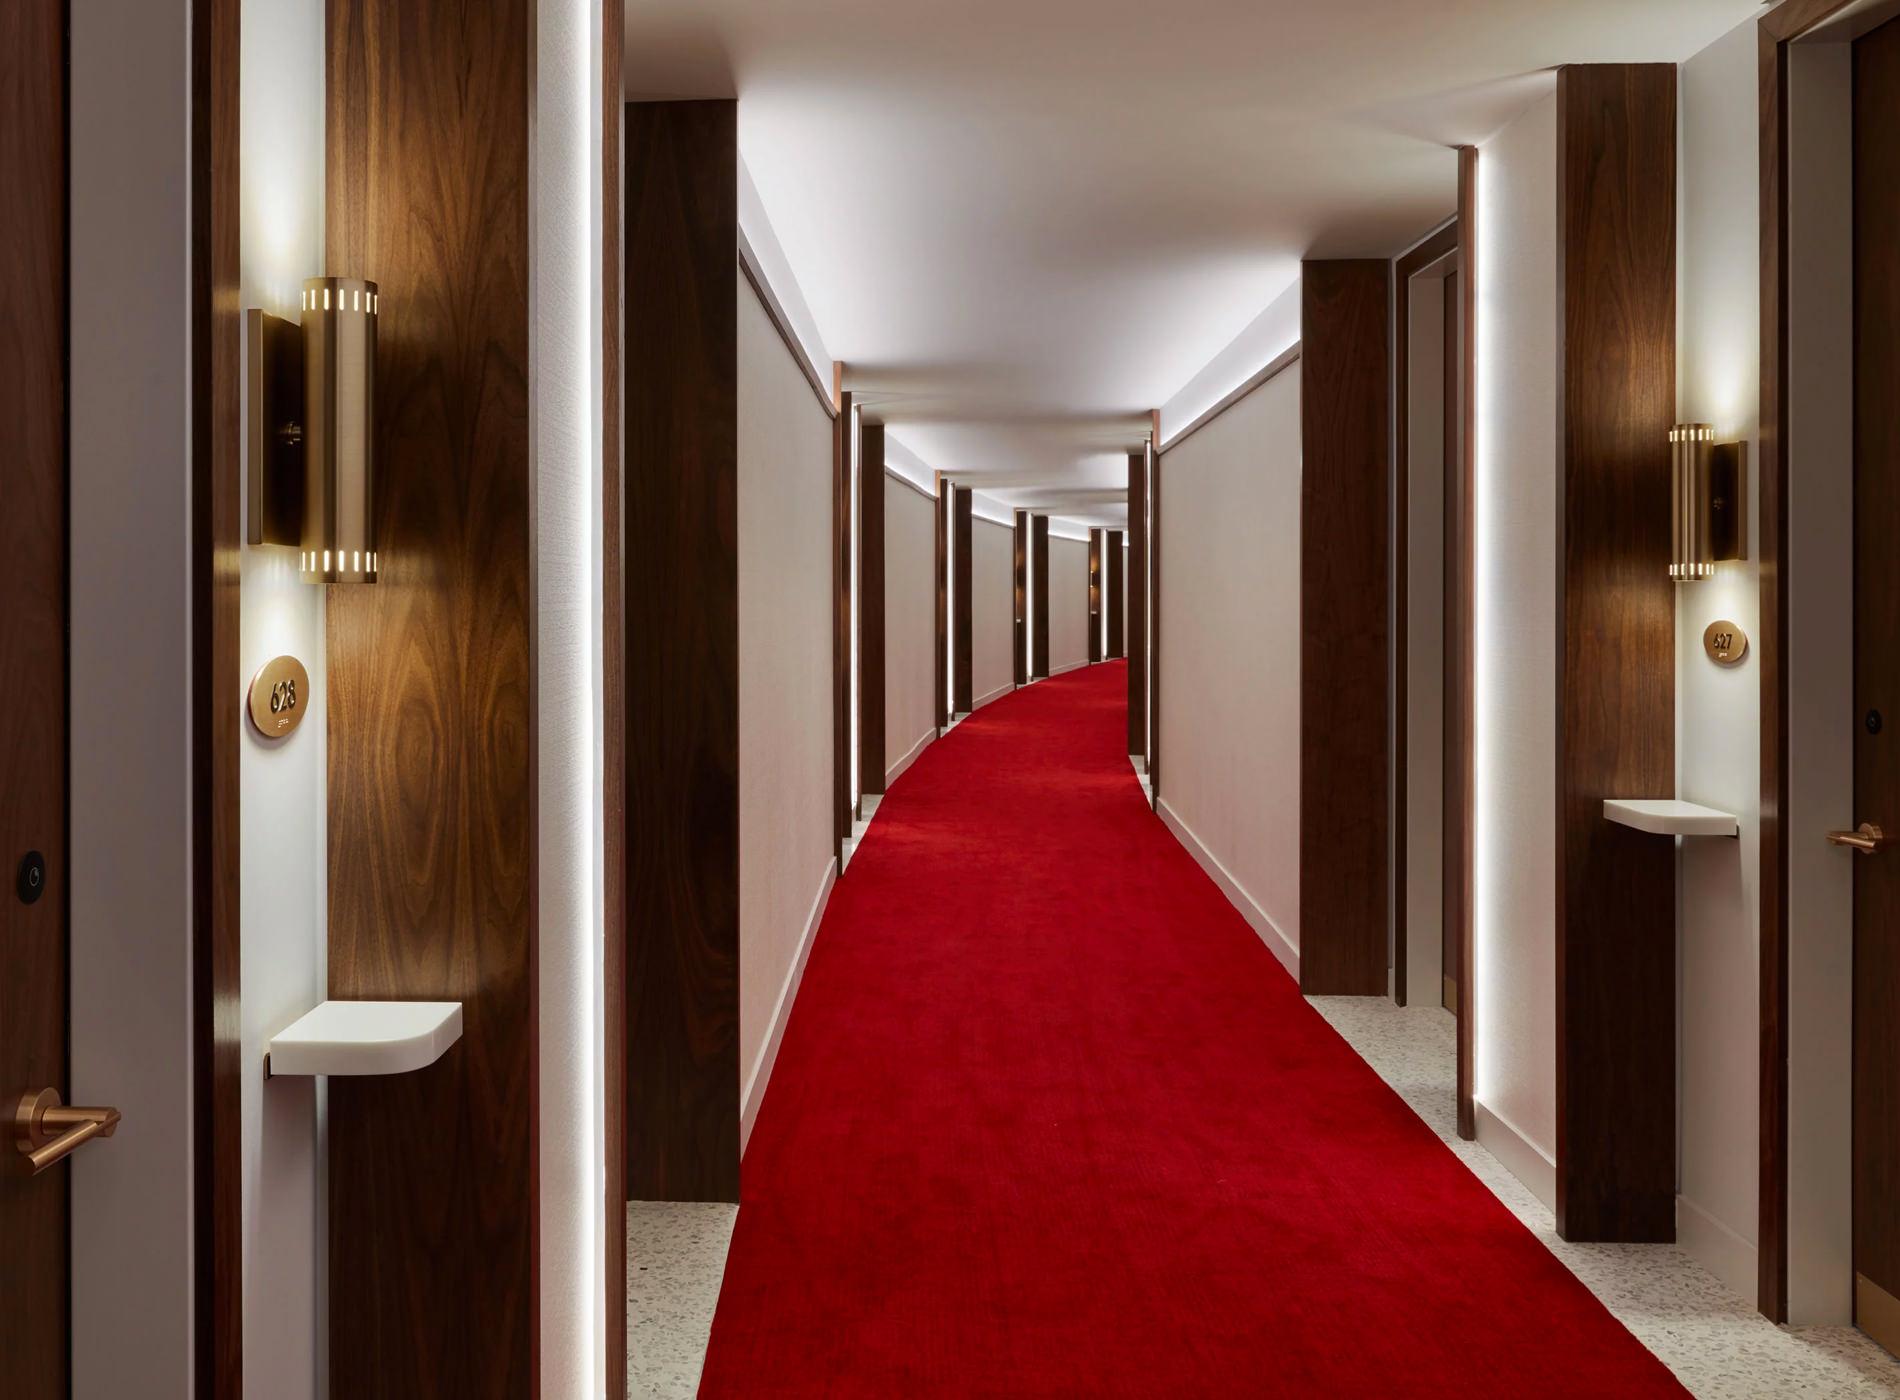 TWA Hotel New York JFK Airport TWA Flight Center Couloirs